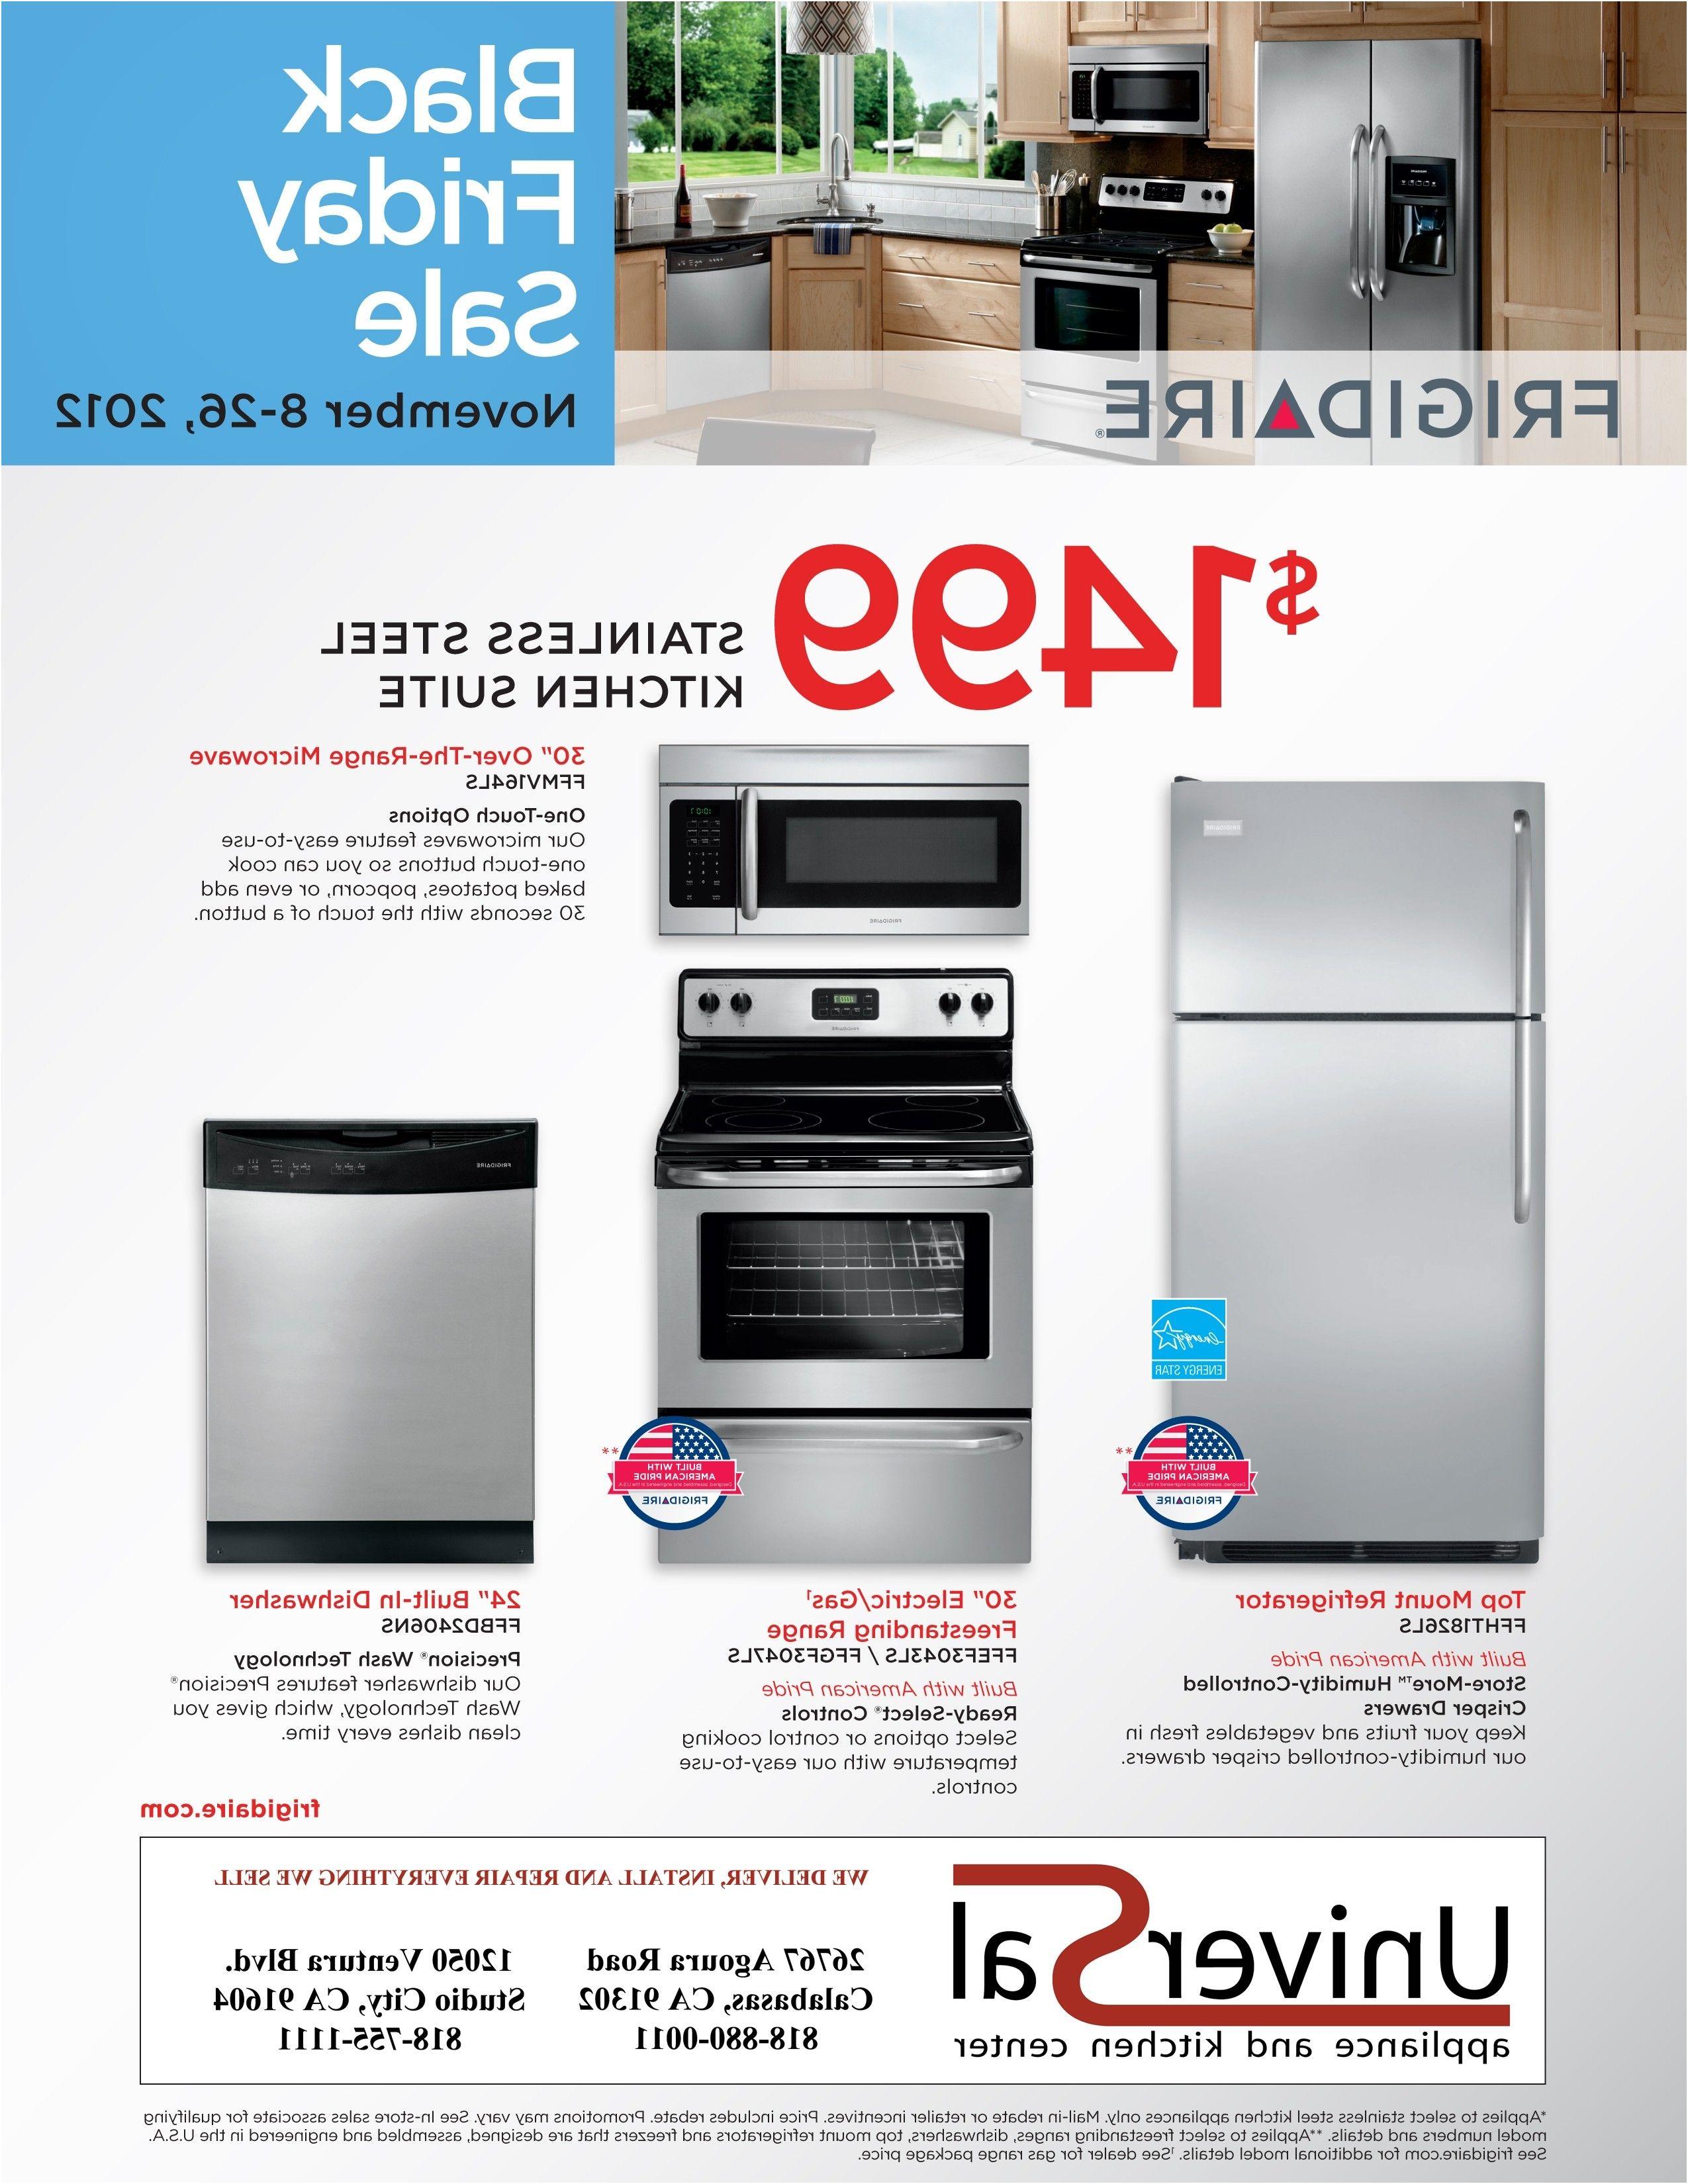 Beautiful Kitchenaid Appliance Package Deals Lowes Kitchen Bundles